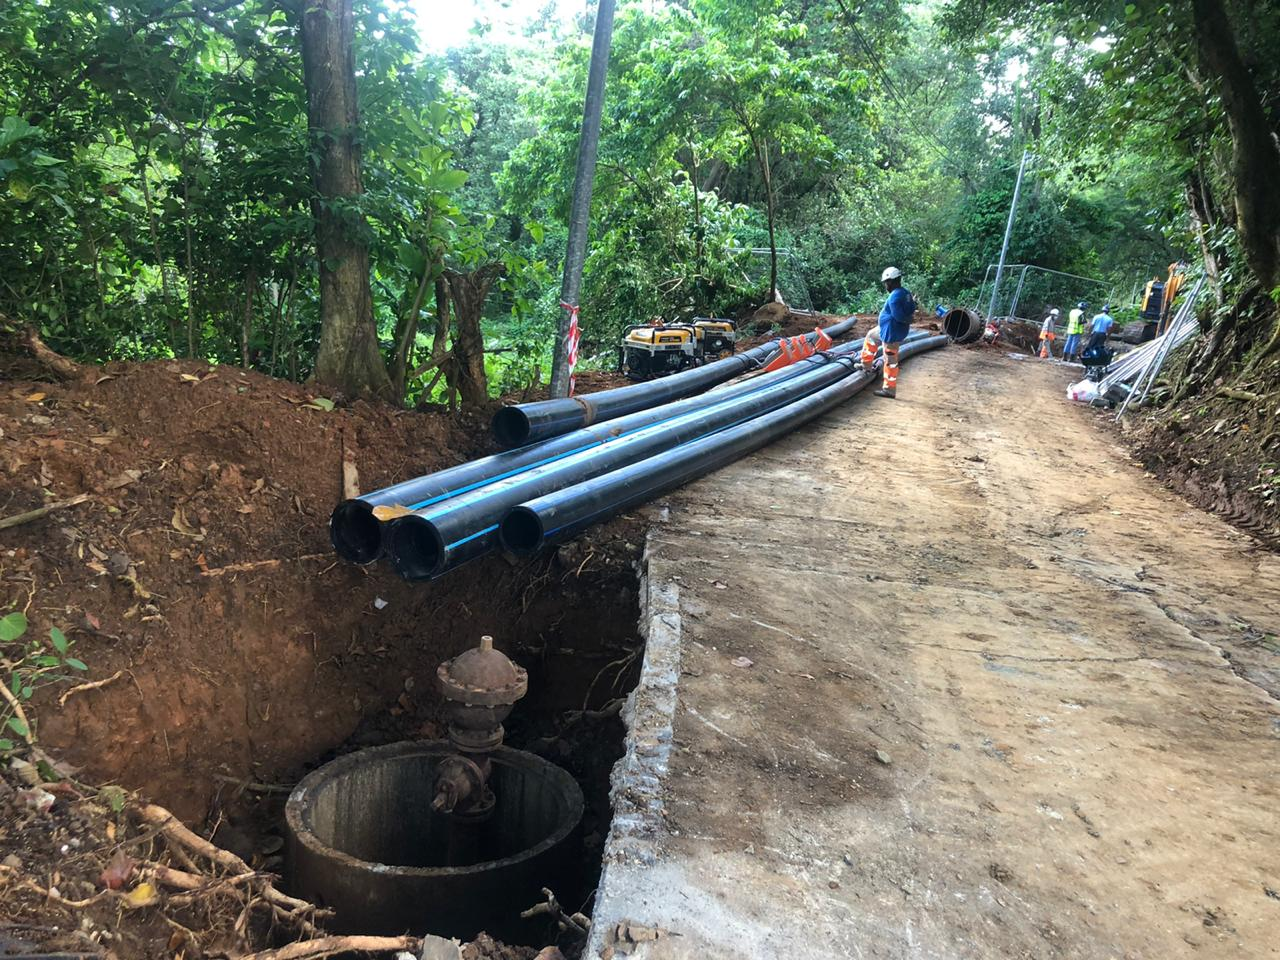 Rupture de canalisation à Sainte-Marie : les travaux de réparation finis avant la fin du mois?